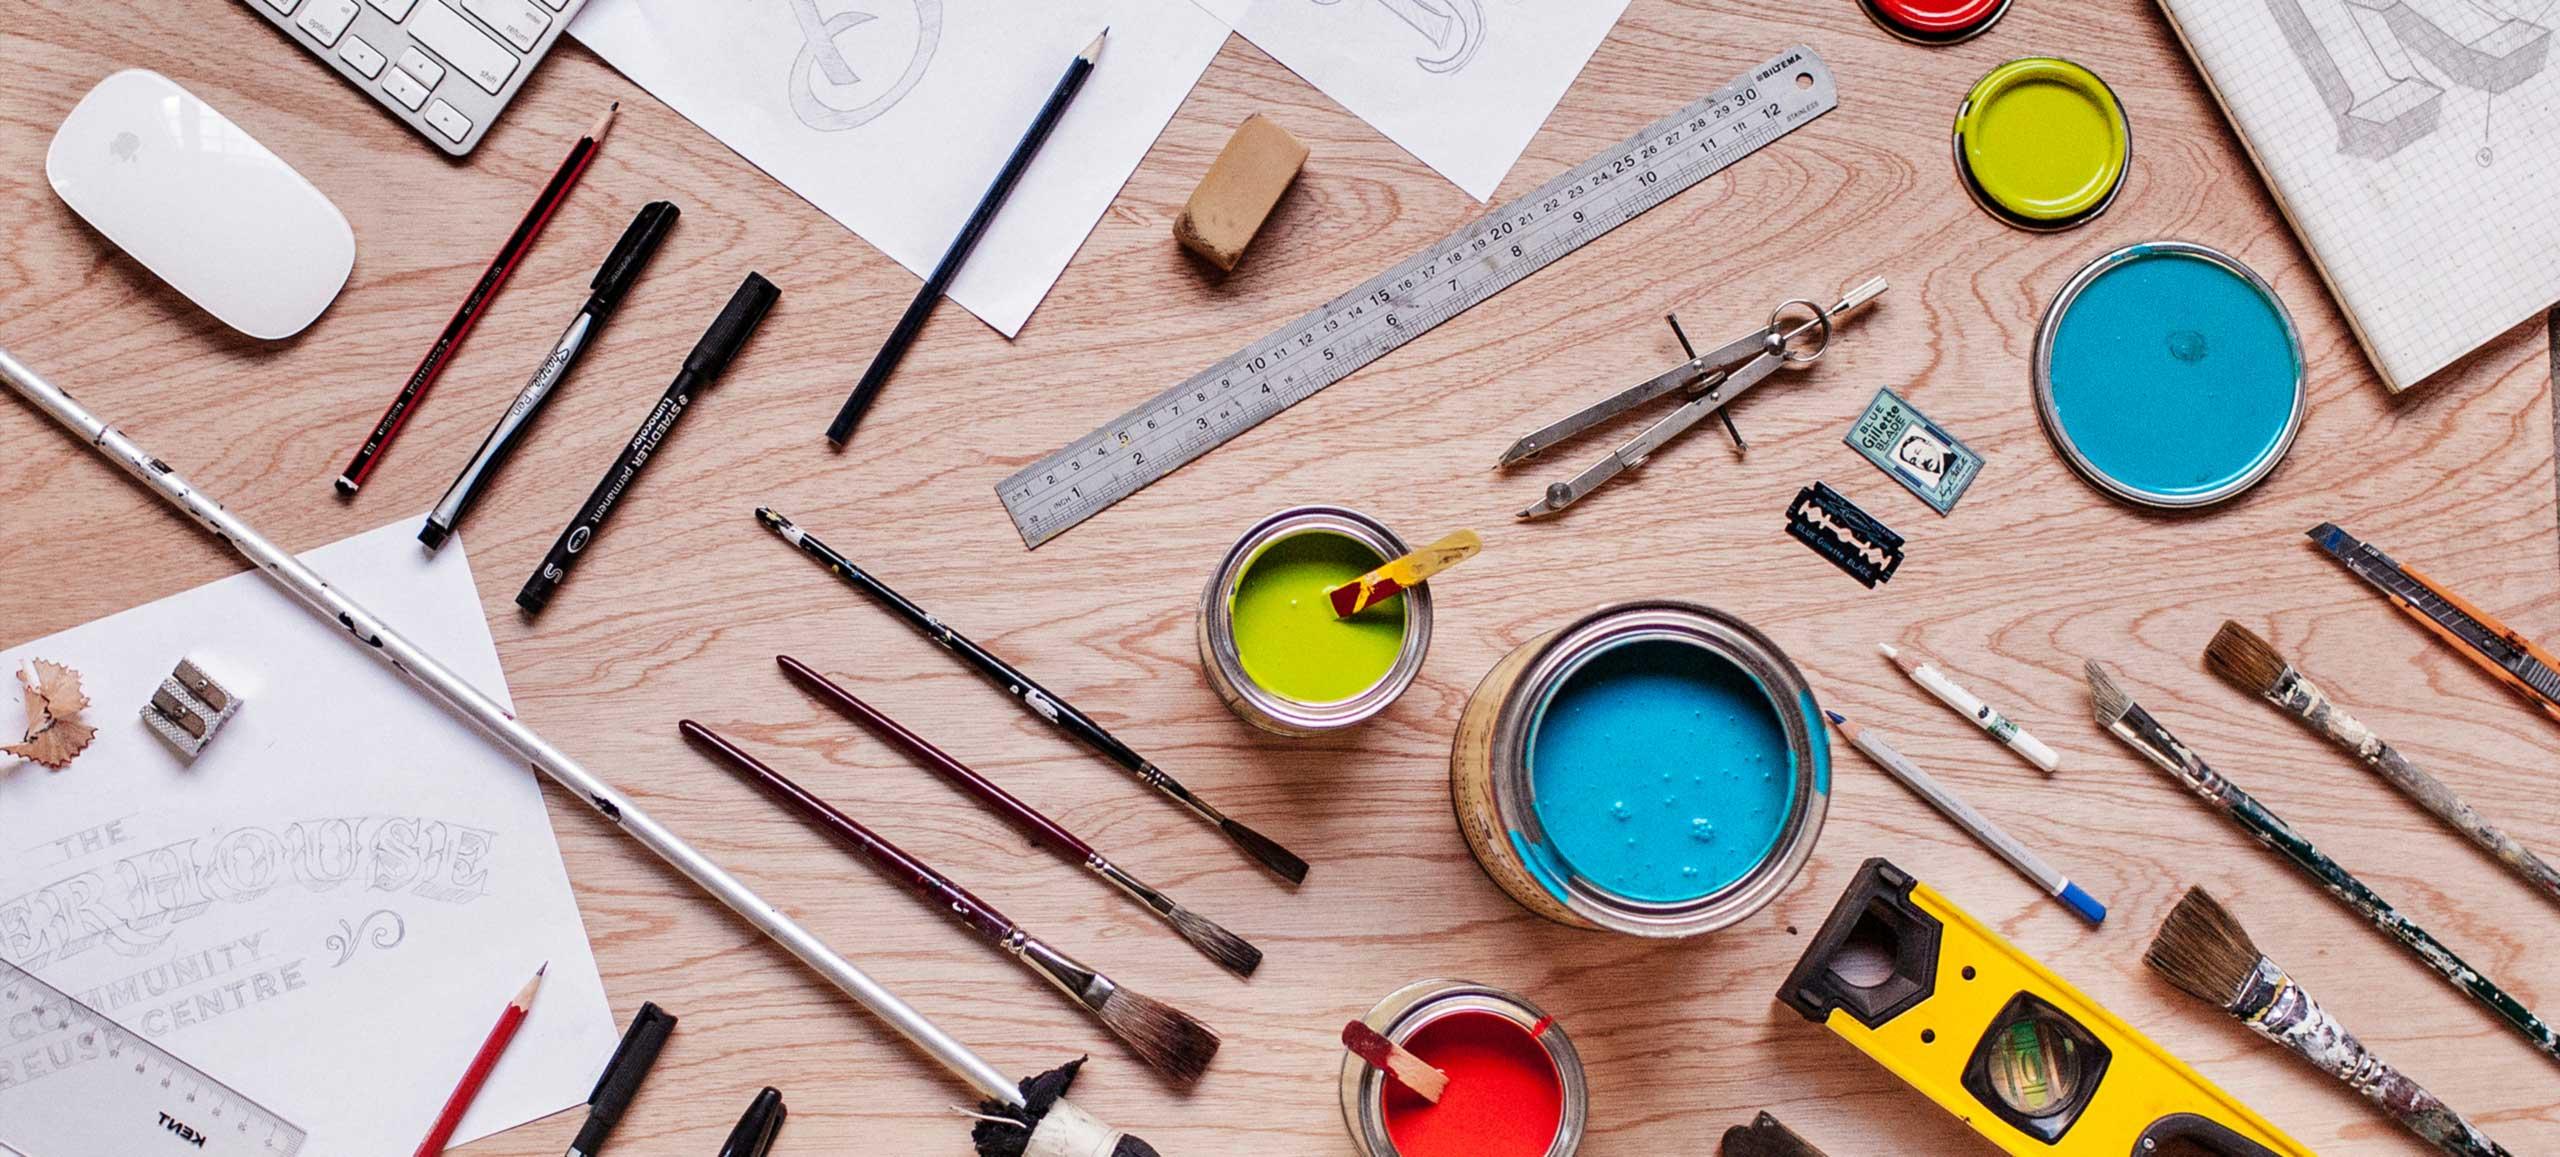 طراحی و اجرای کابینت اشپزخانه و دکوراسیون منازل و اداری با برترین متریال روز دنیا